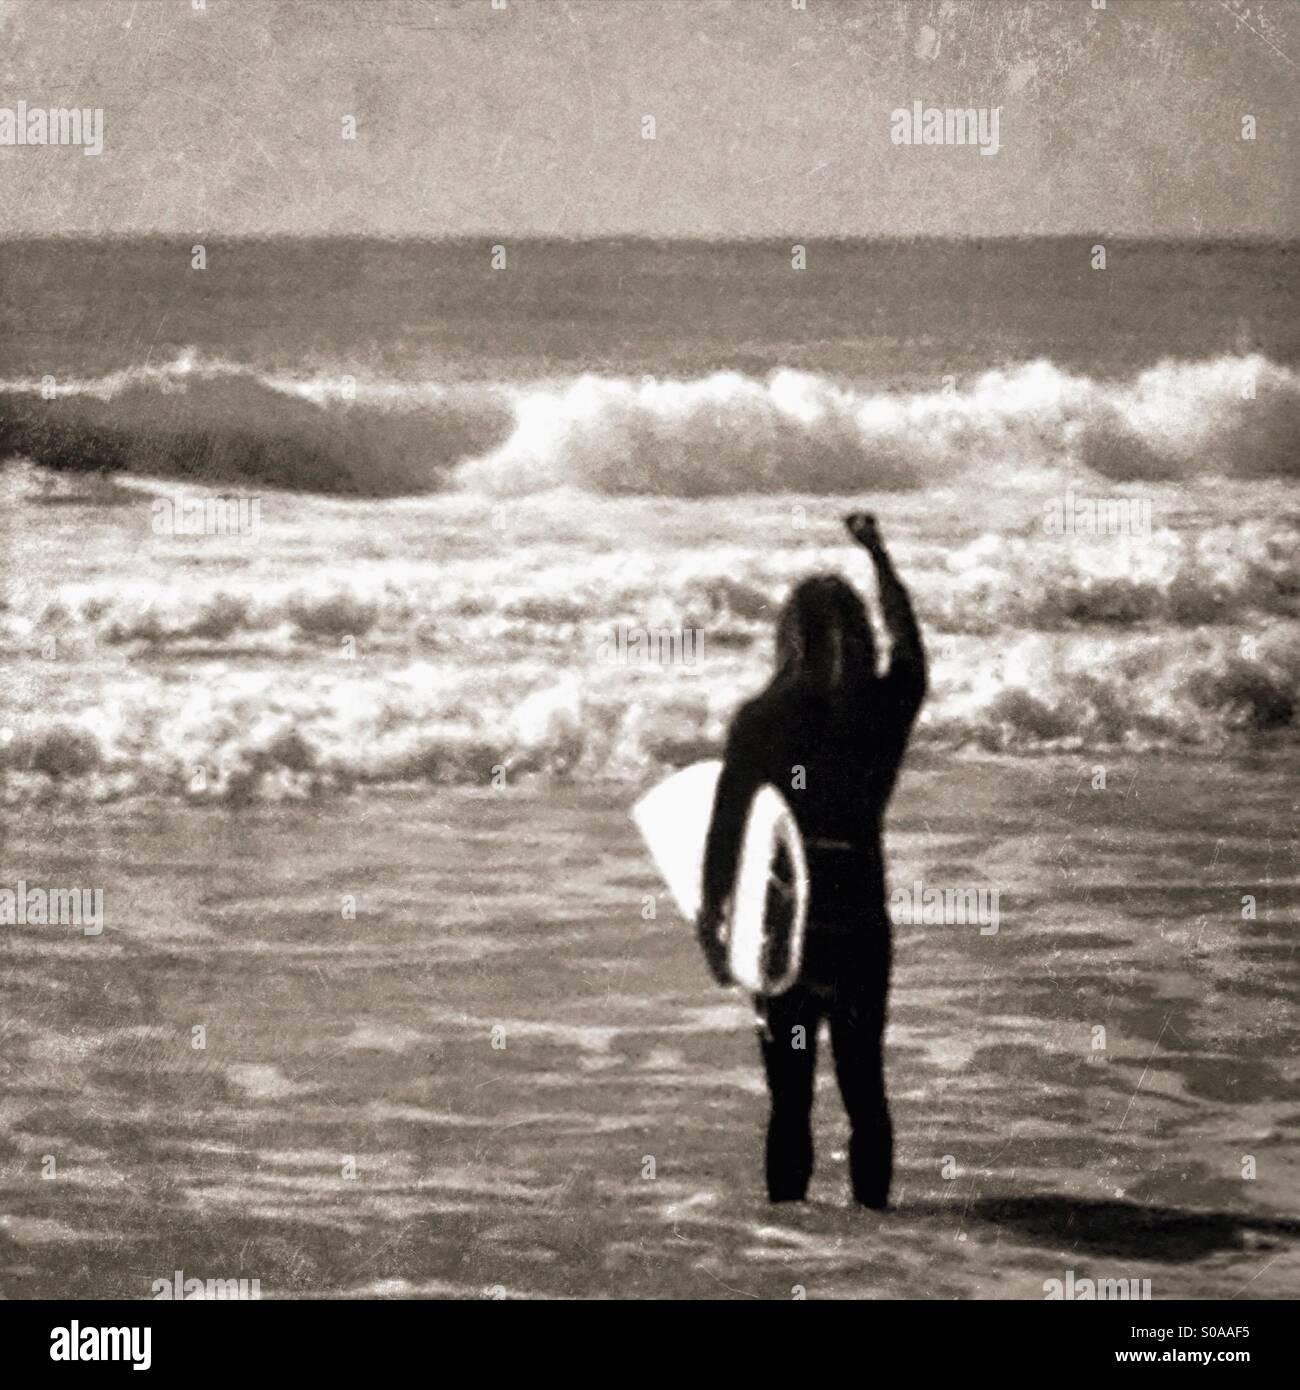 Surfista eccitato a guardare le onde. Immagini Stock